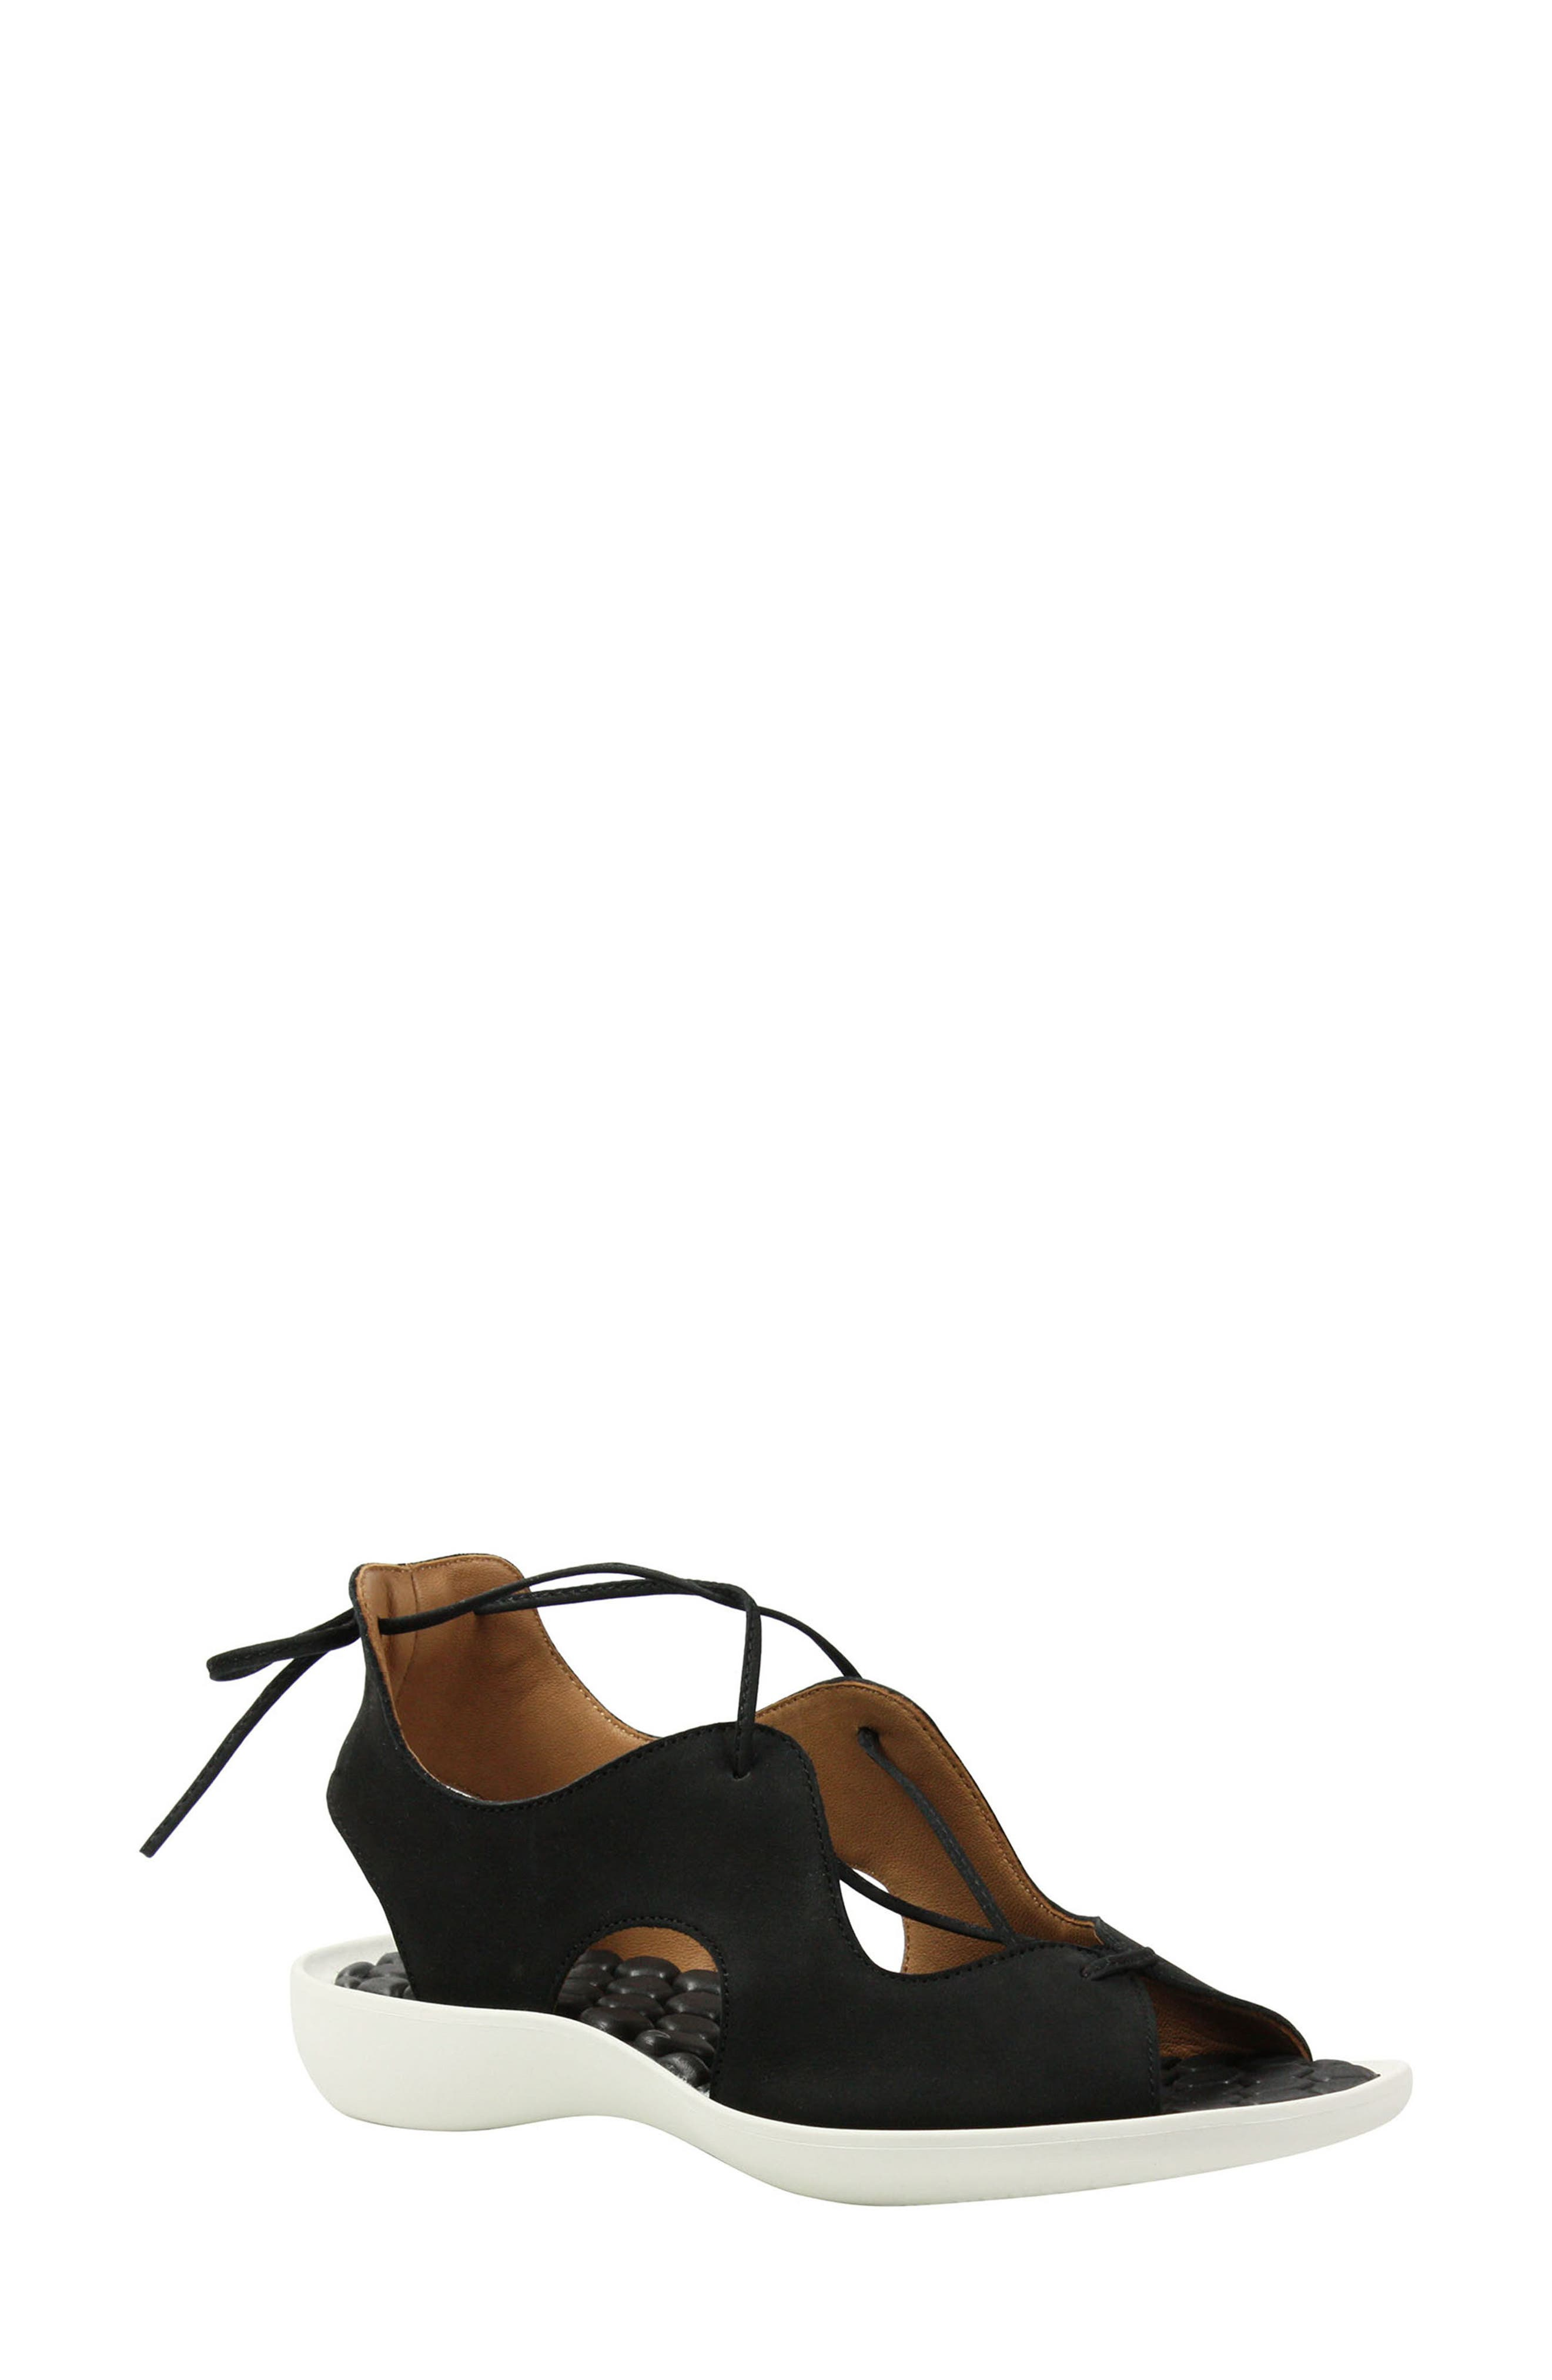 L'AMOUR DES PIEDS, Nesimah Lace-Up Sandal, Main thumbnail 1, color, BLACK NUBUCK LEATHER